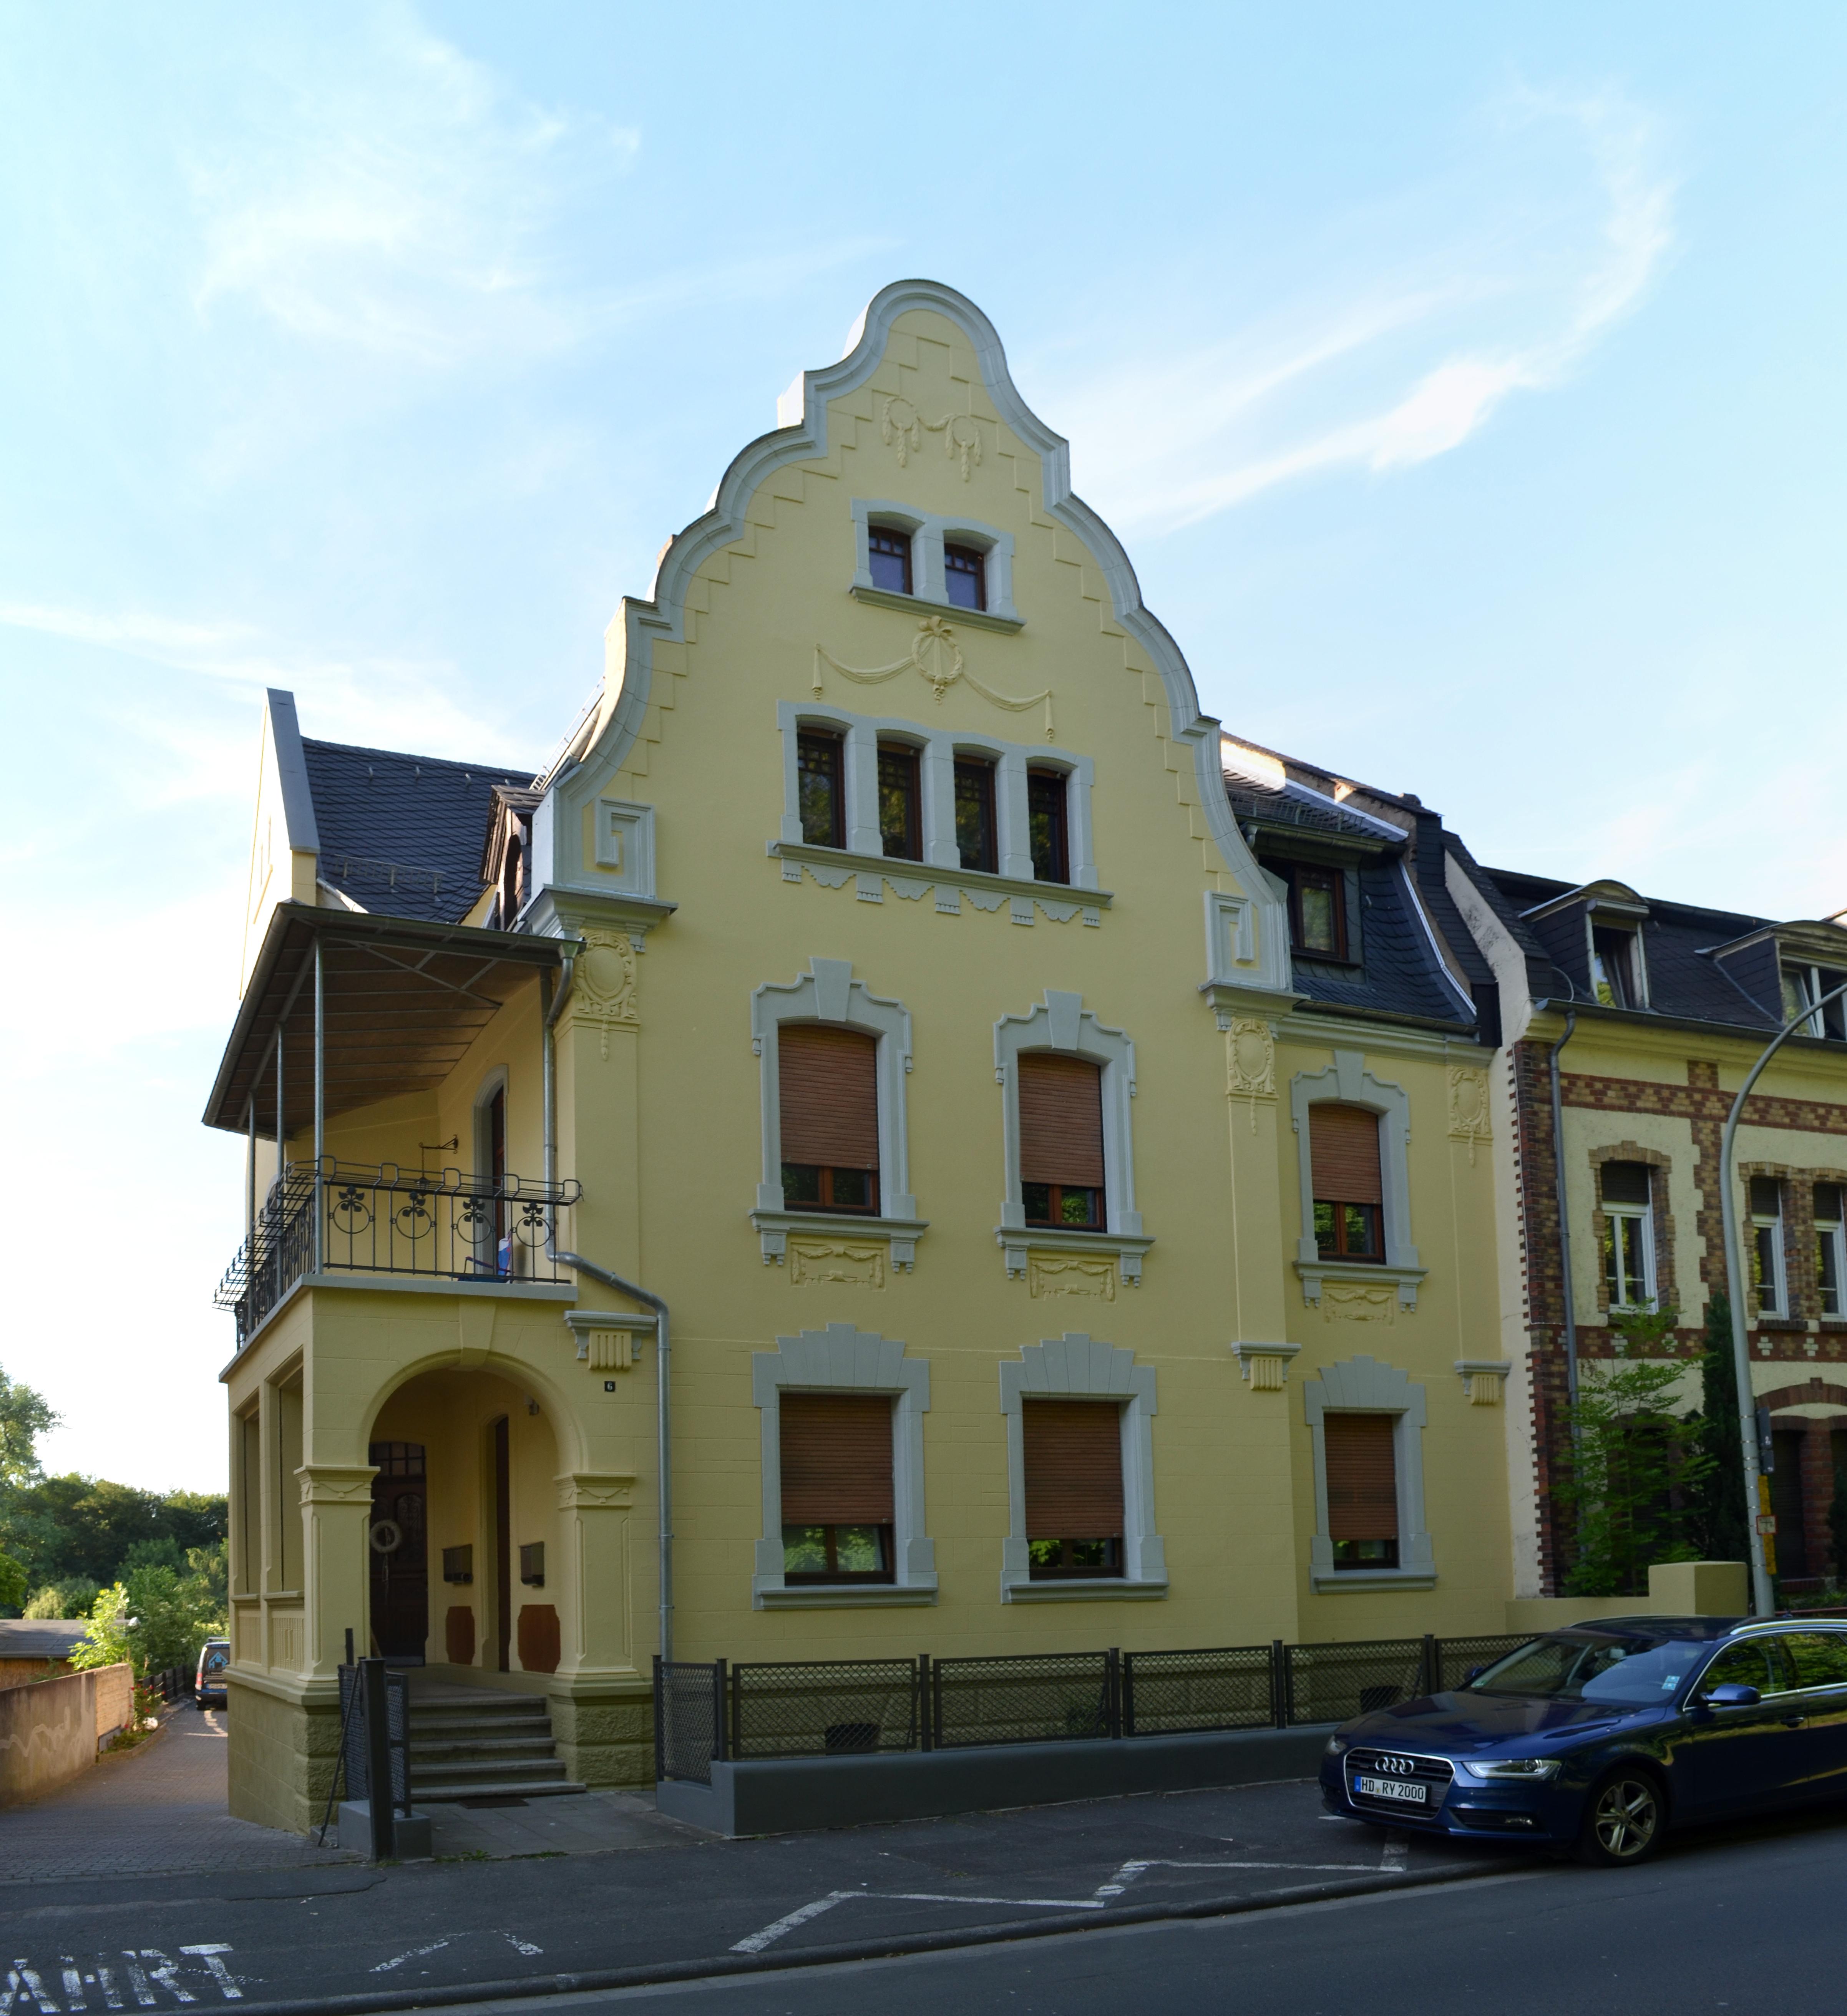 File:Limburg, Eschhöfer Weg 6.jpg